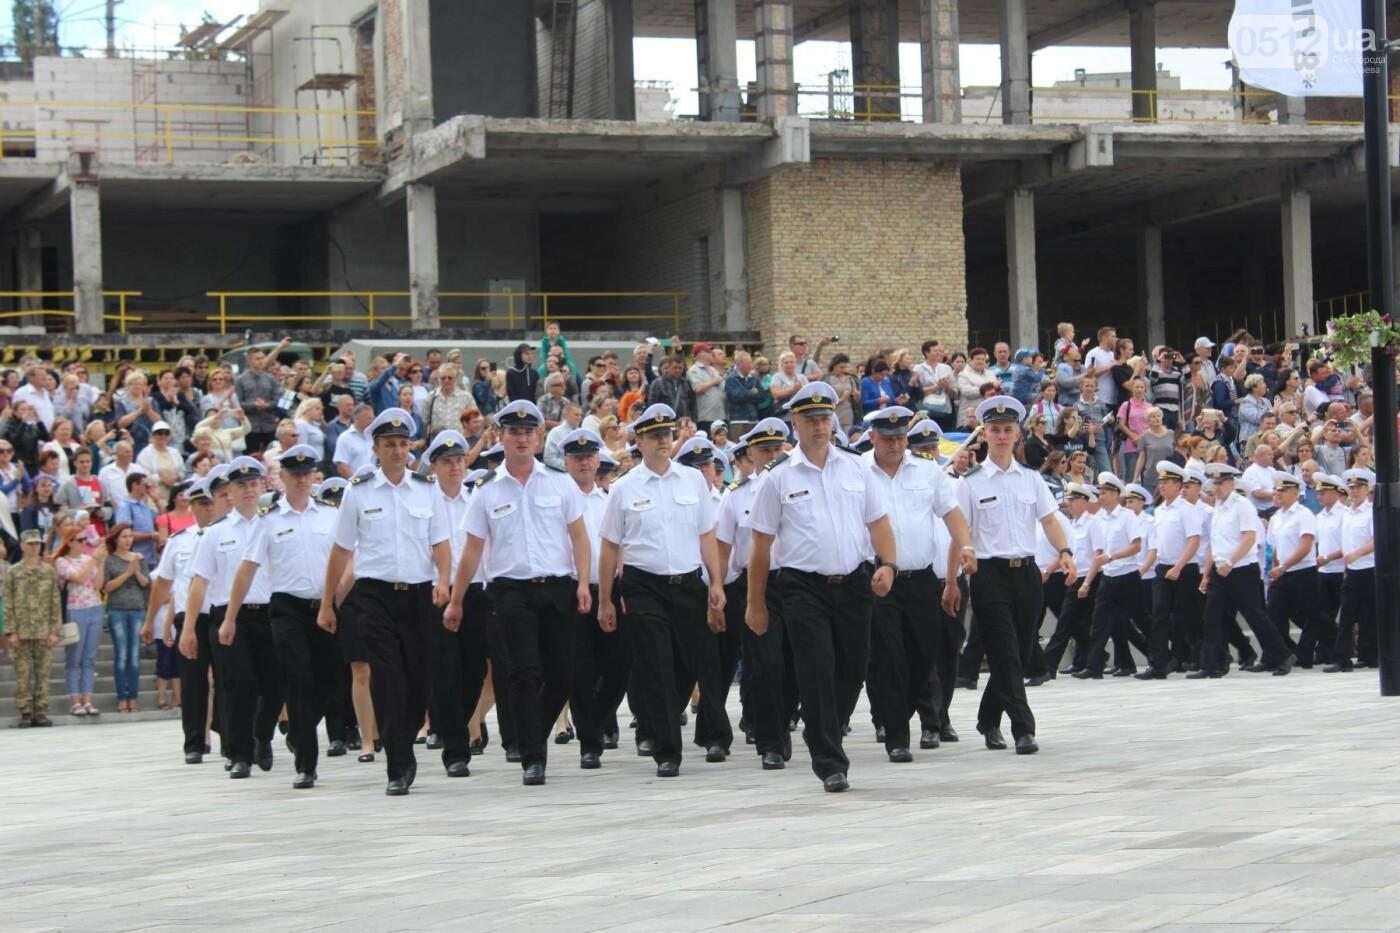 Полевая кухня, марш военных и выставка техники: как в Николаеве отмечали День ВМС Украины, фото-9